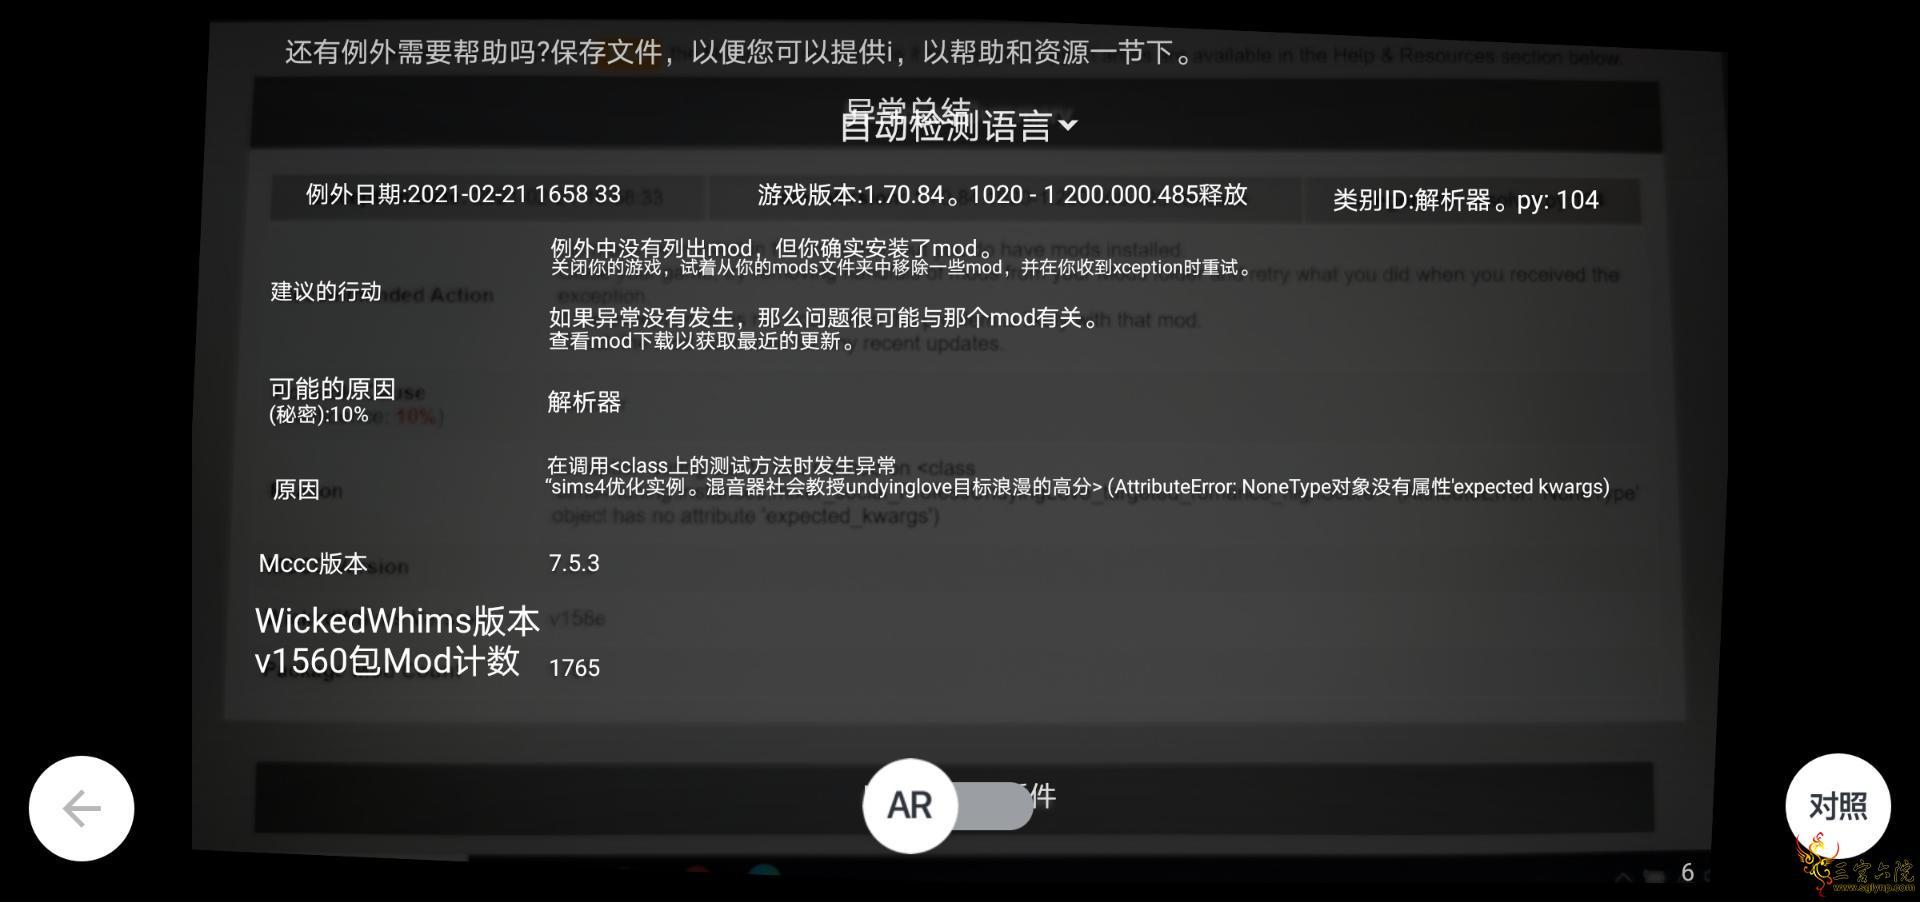 Screenshot_20210221_170017_com.youdao.dict.jpg